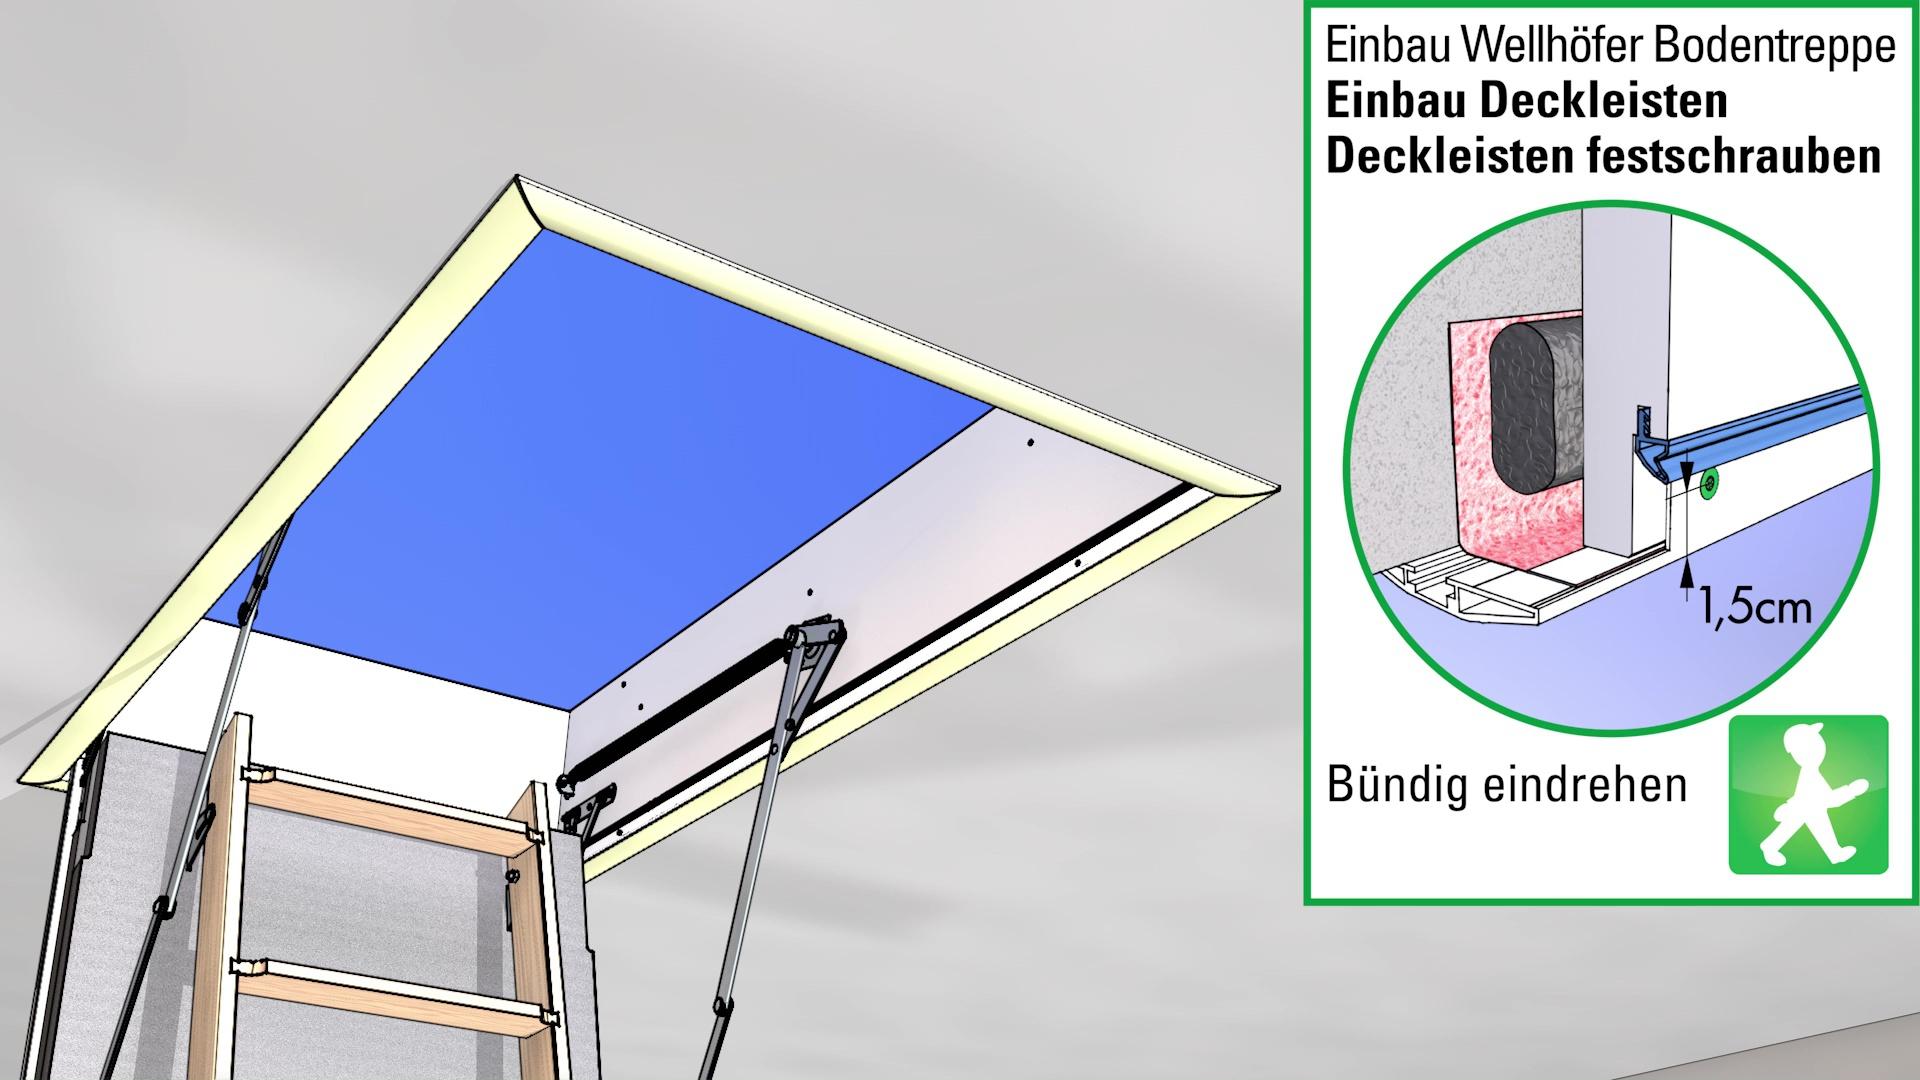 Wellhofer Treppen Videoanleitung Bodentreppen Richtig Einbauen So